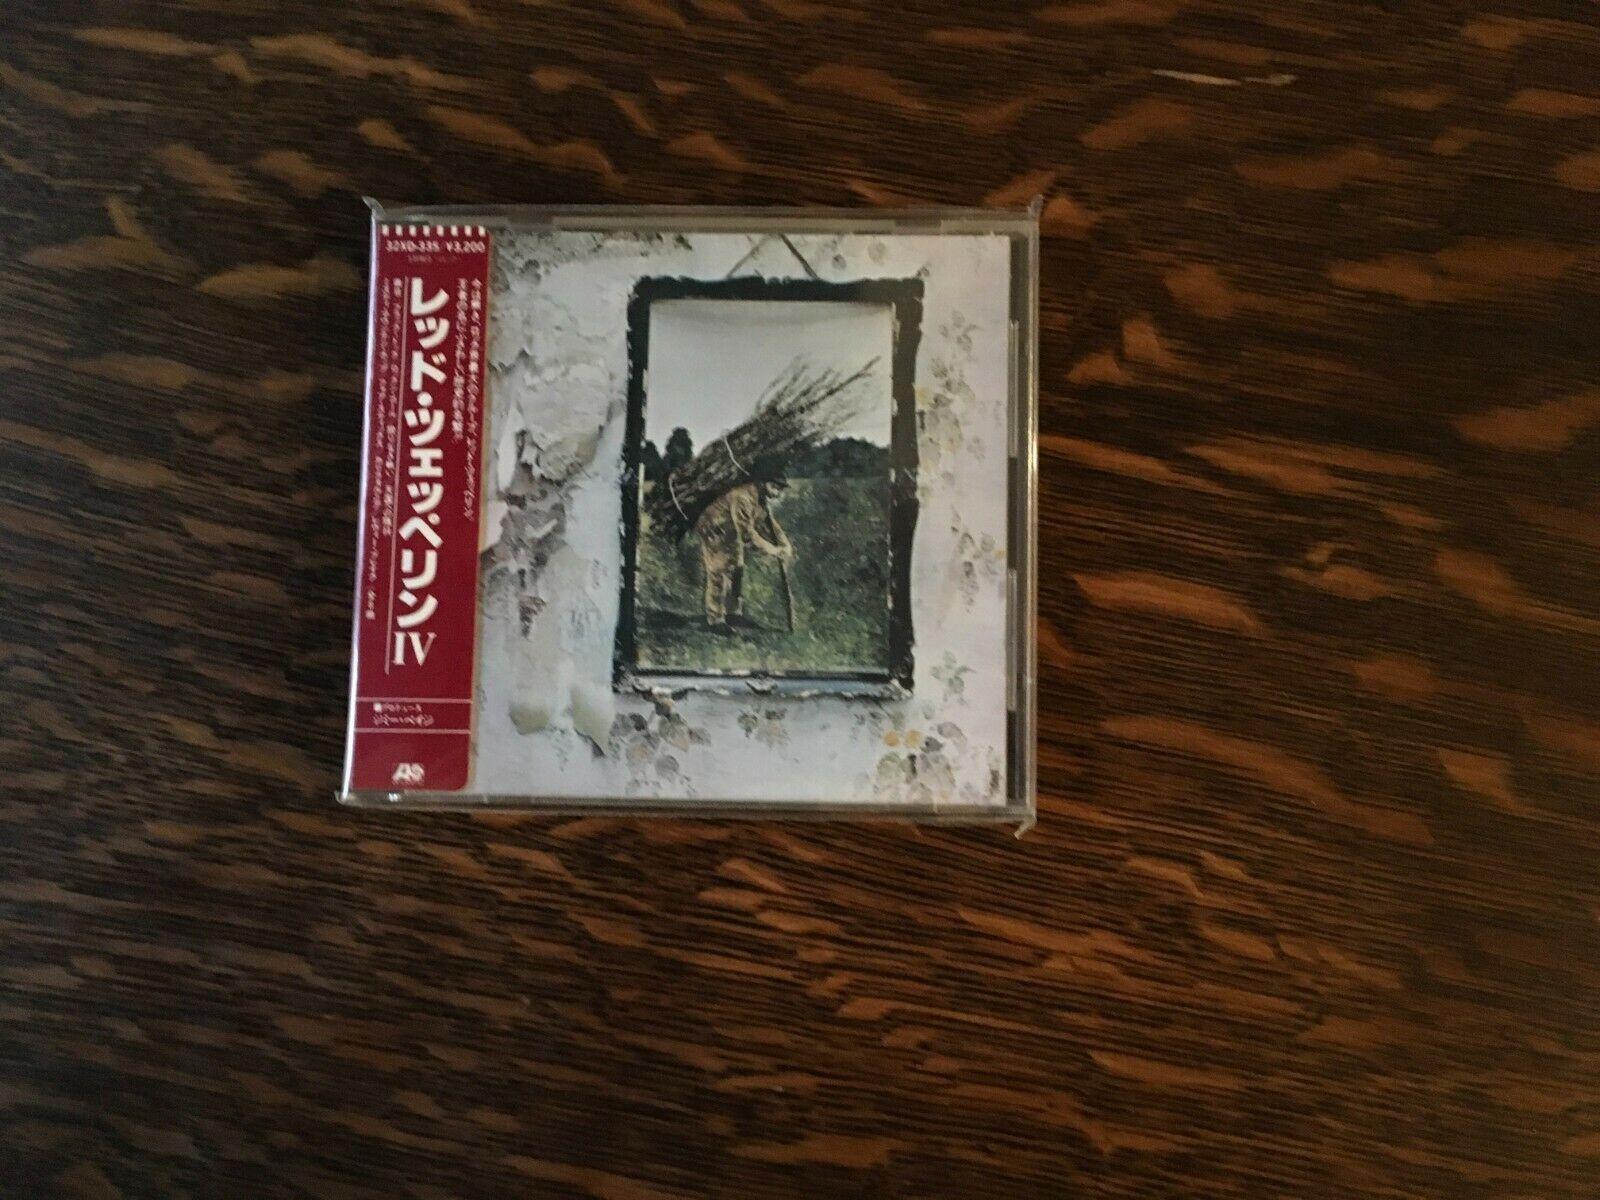 Led Zeppelin IV- 32XD-335 Japan Cd Sticker Obi - $100.99